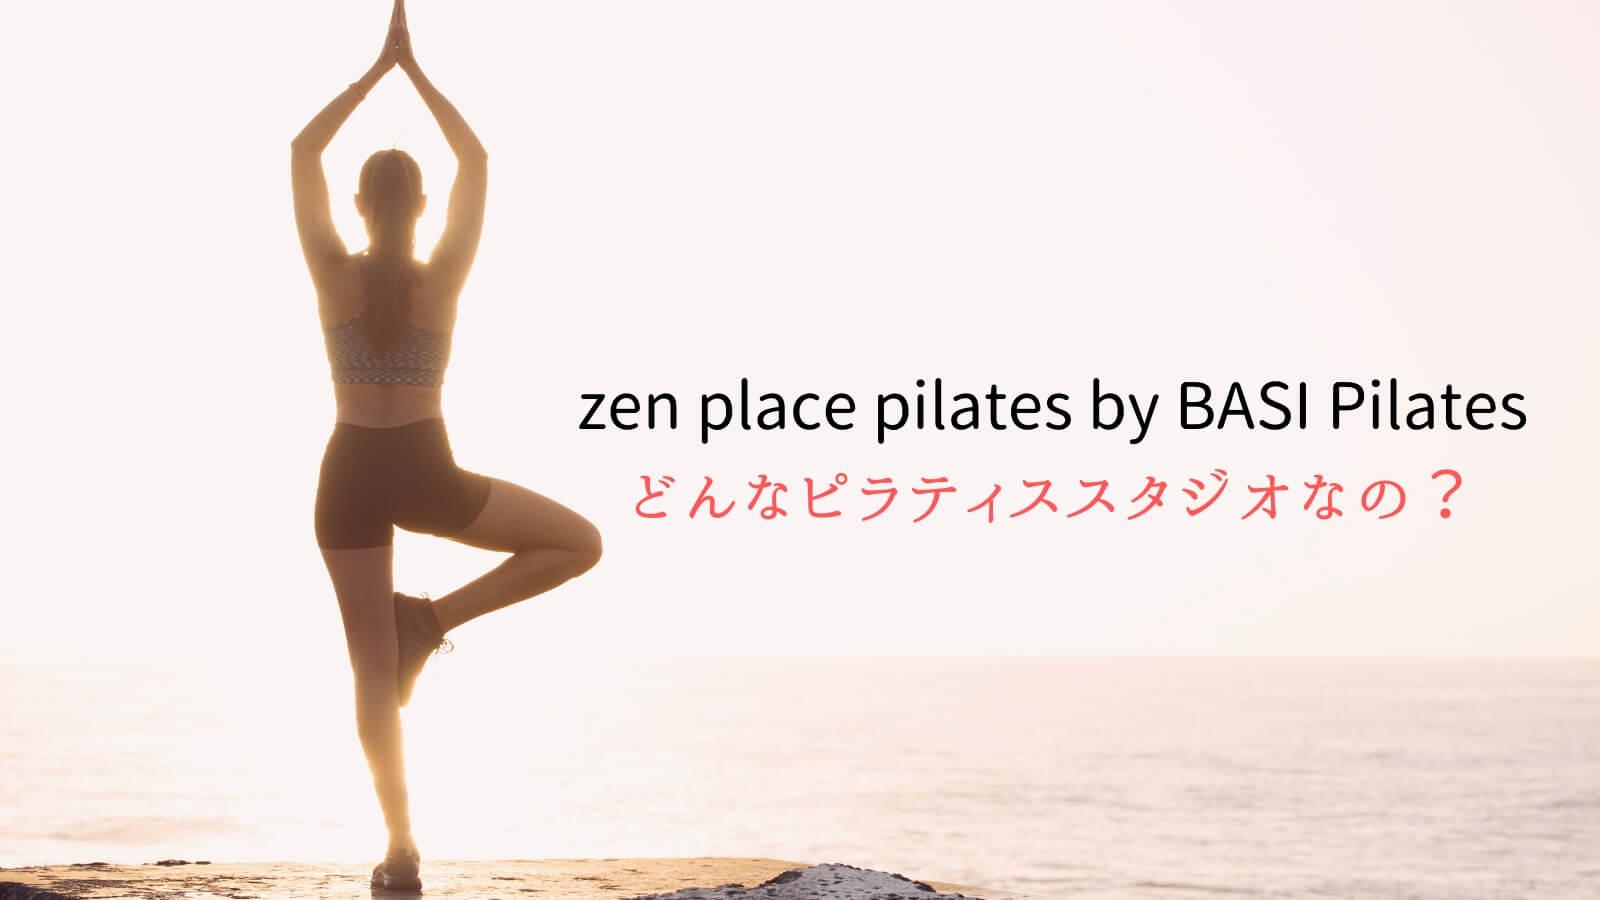 zen place pilates by BASI Pilatesってどんなピラティススタジオなの?